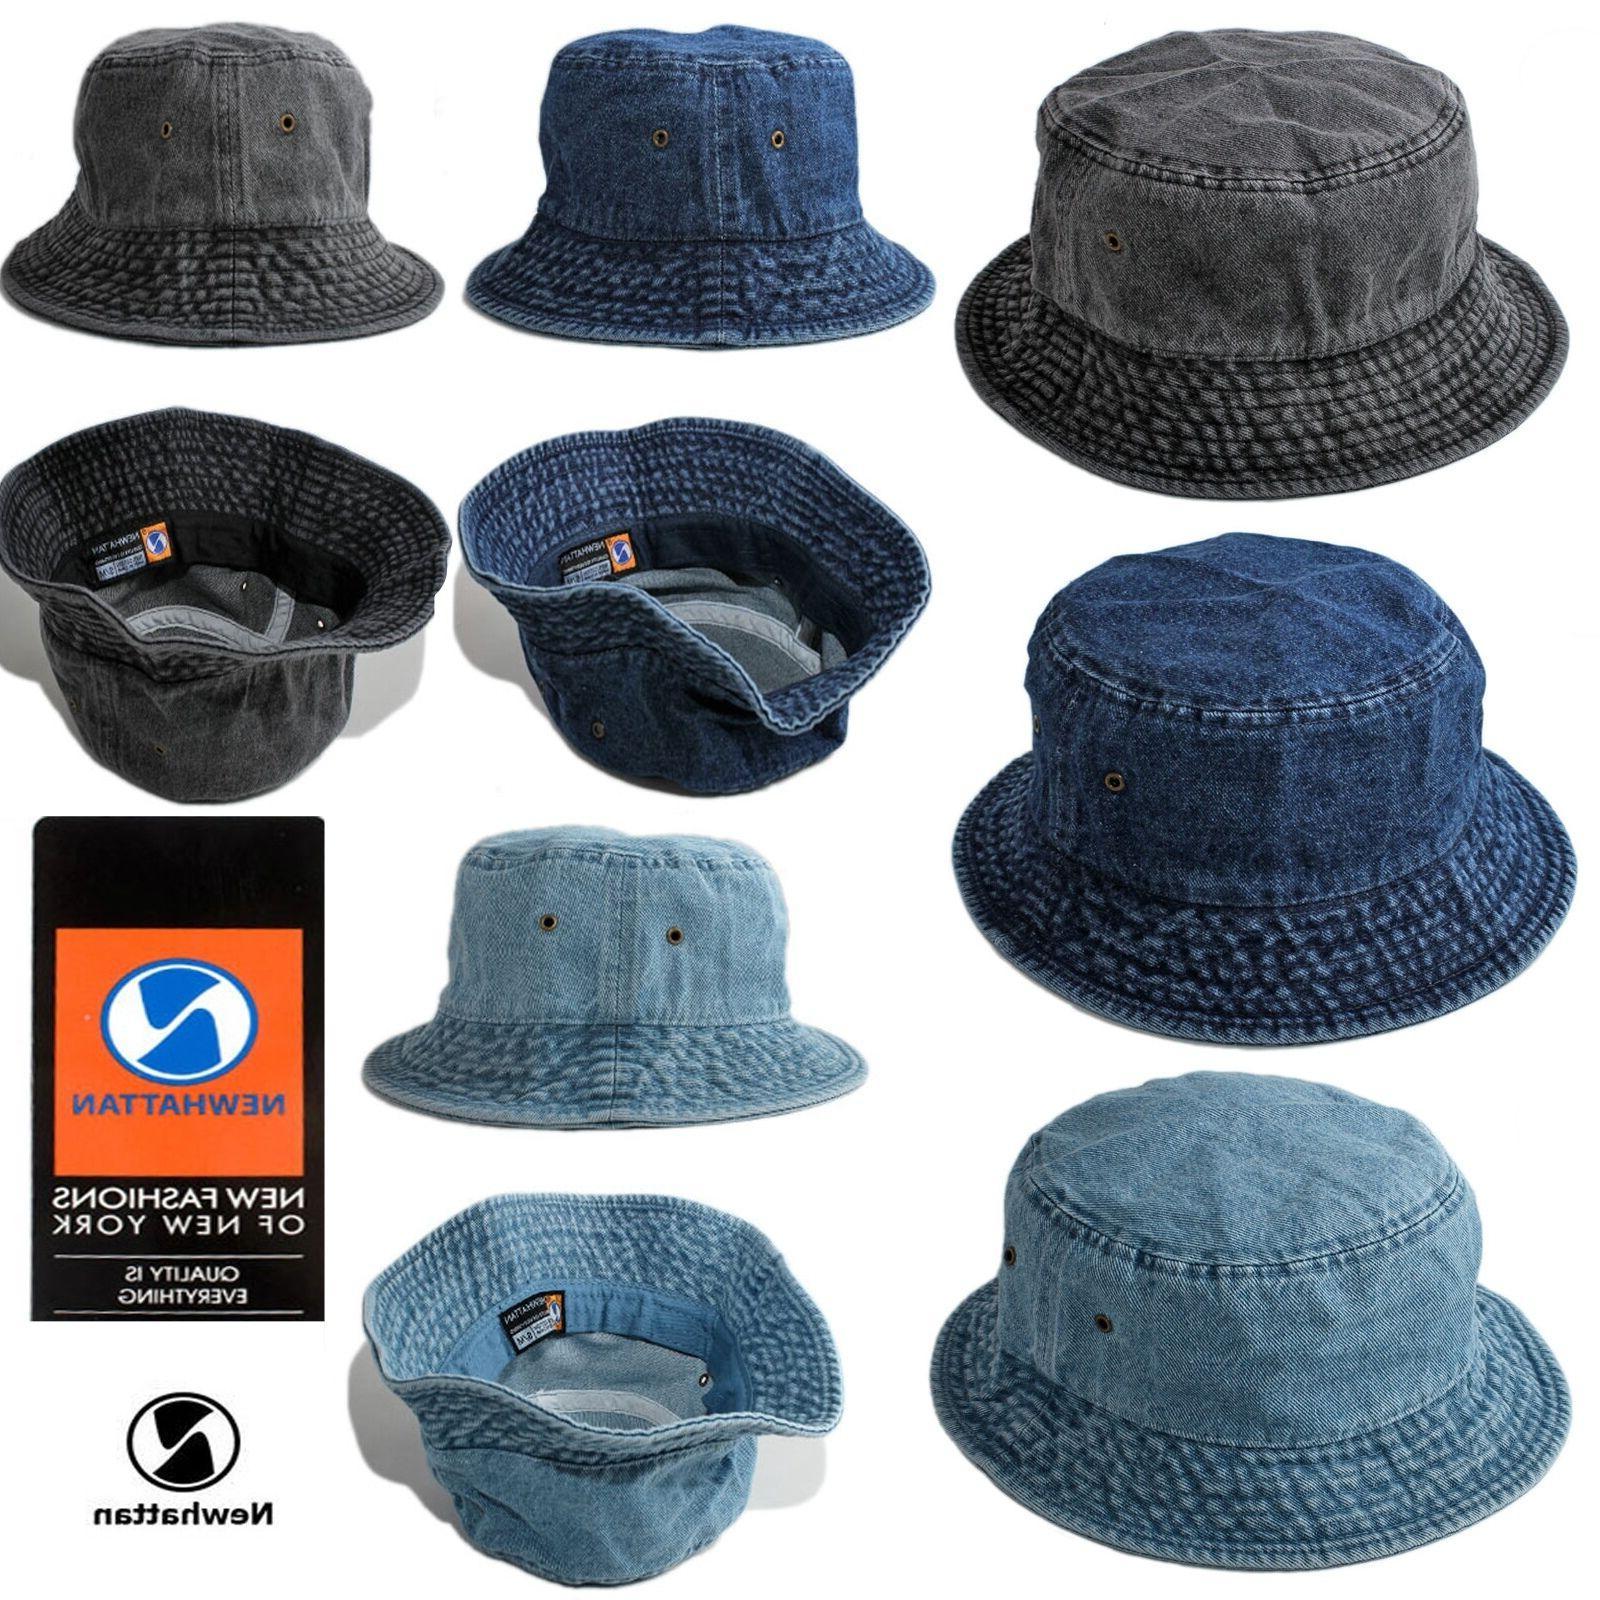 denim jeans bucket hat 100 percent cotton